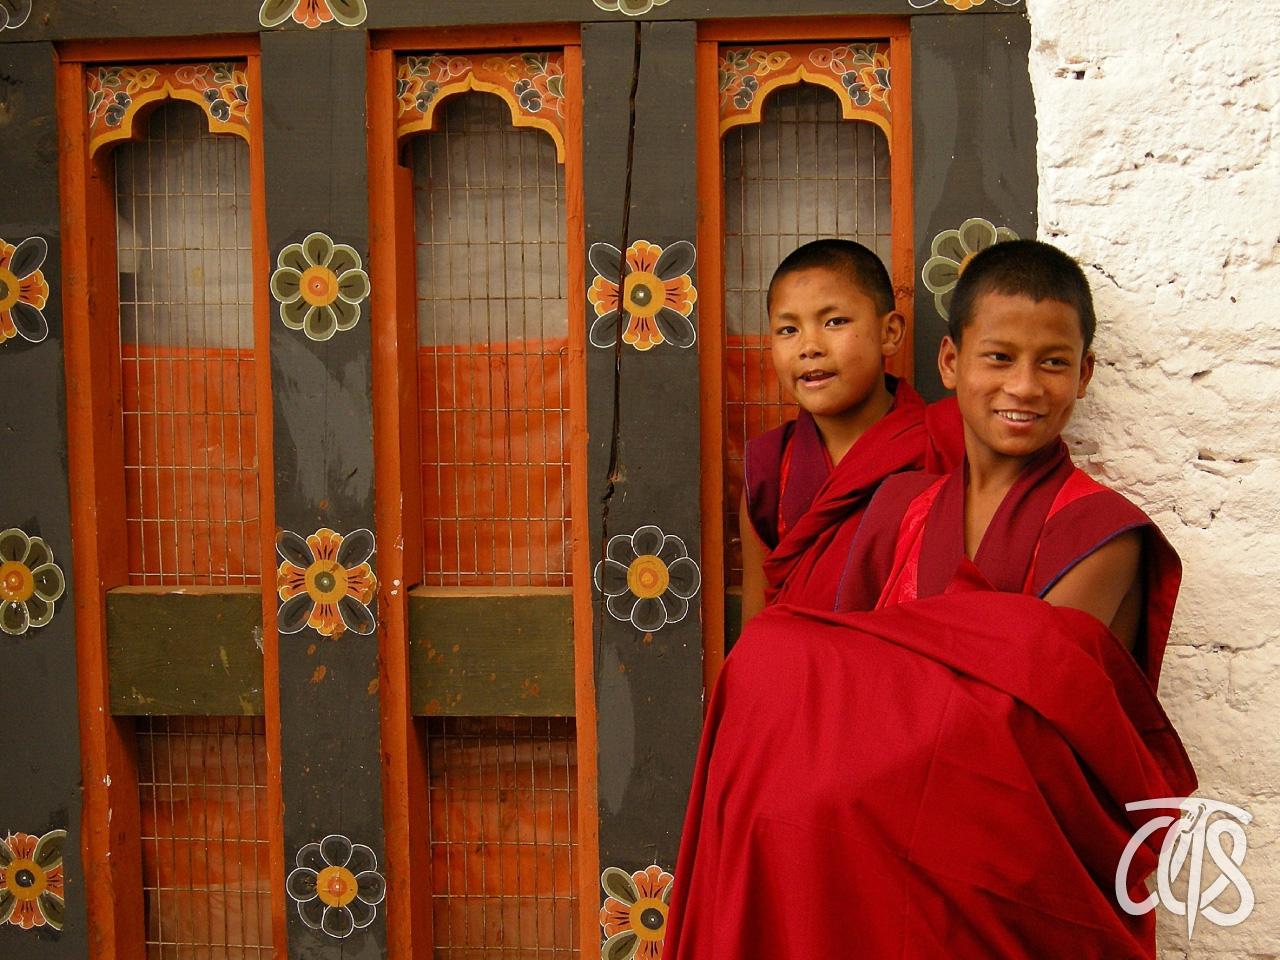 世界で唯一チベット仏教を国教とする国